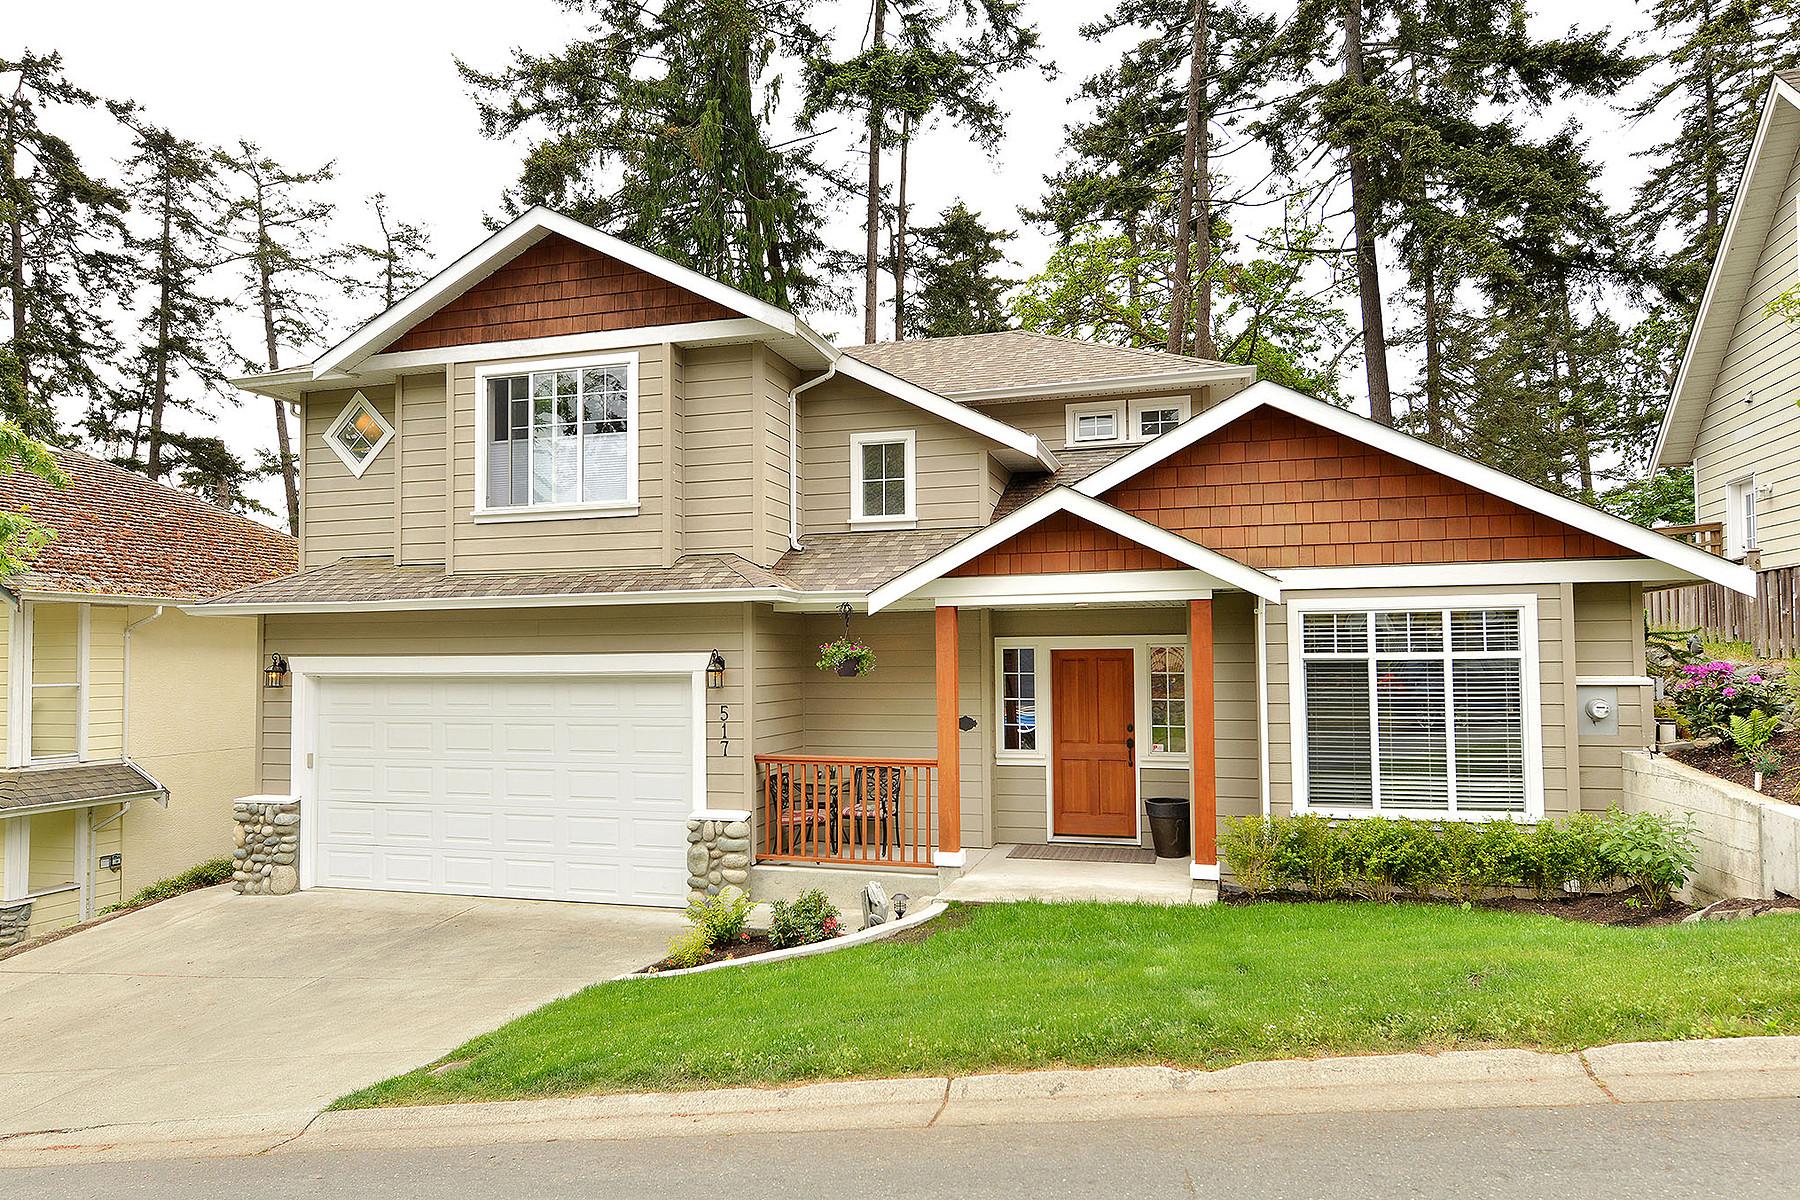 独户住宅 为 销售 在 Sparkling Family Home 517 Selwyn Oaks Place, Langford, BC 维多利亚, 不列颠哥伦比亚省, V9B 6K7 加拿大